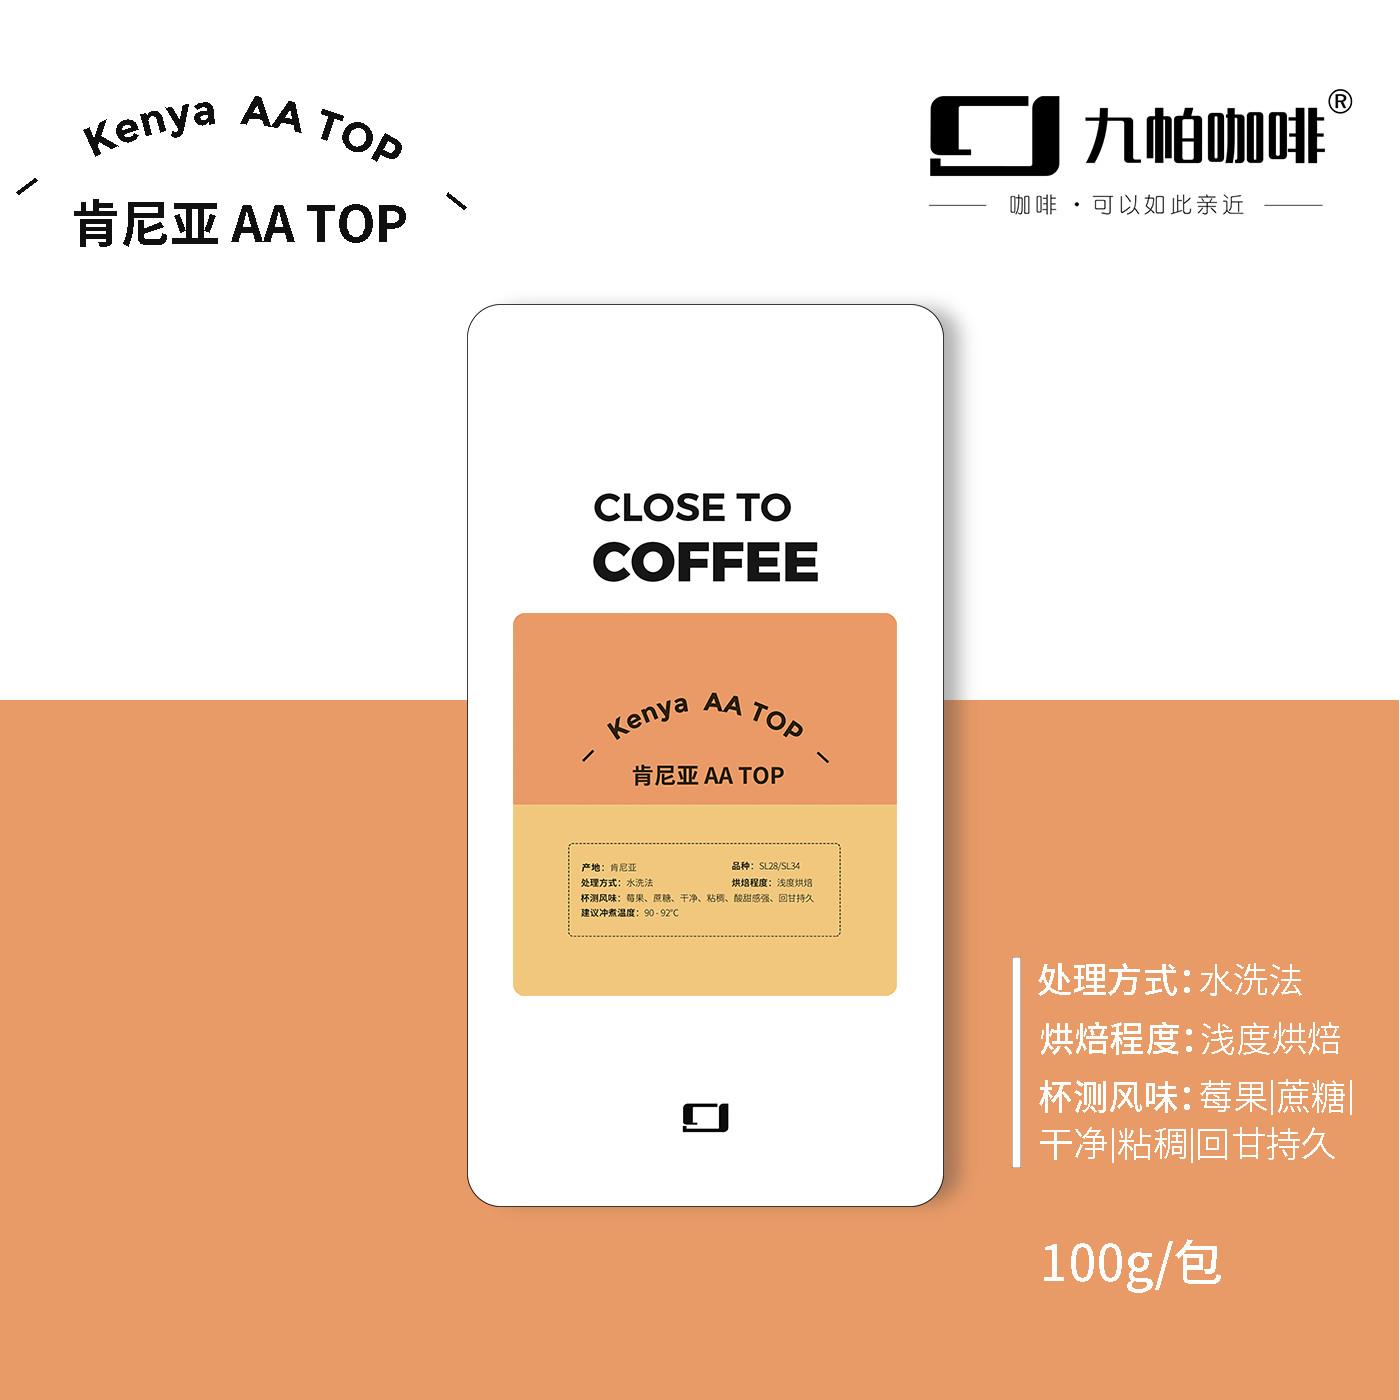 肯尼亚AA TOP水洗单品手冲咖啡豆粉100g 精品单一产地/九帕烘焙